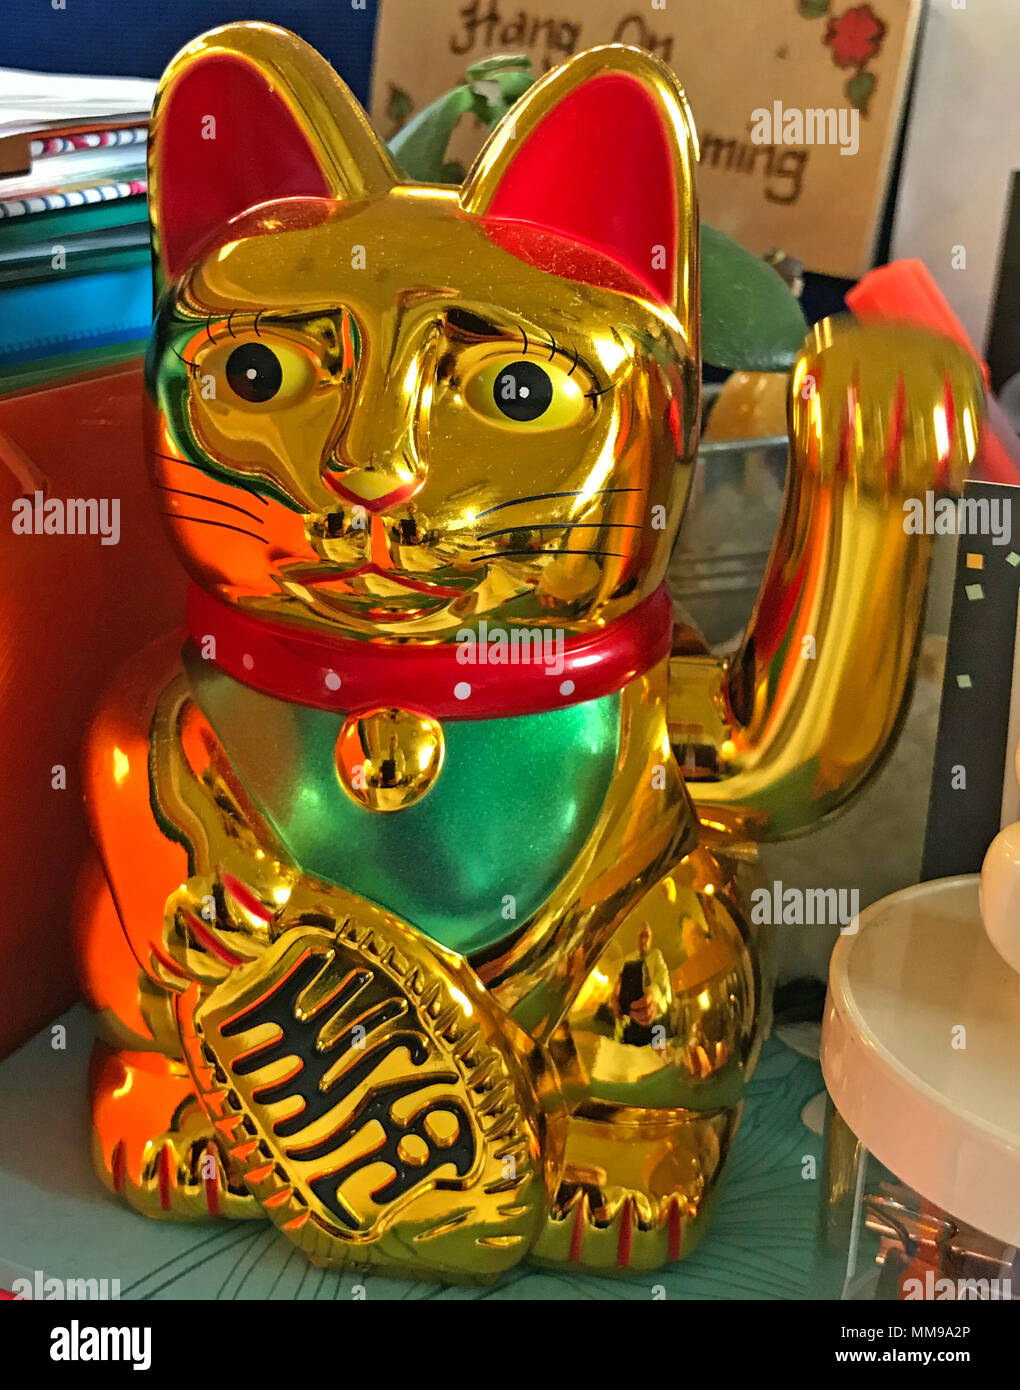 GoTonysmith,@HotpixUK,beckoning,with,slow,moving,doll,Chinese